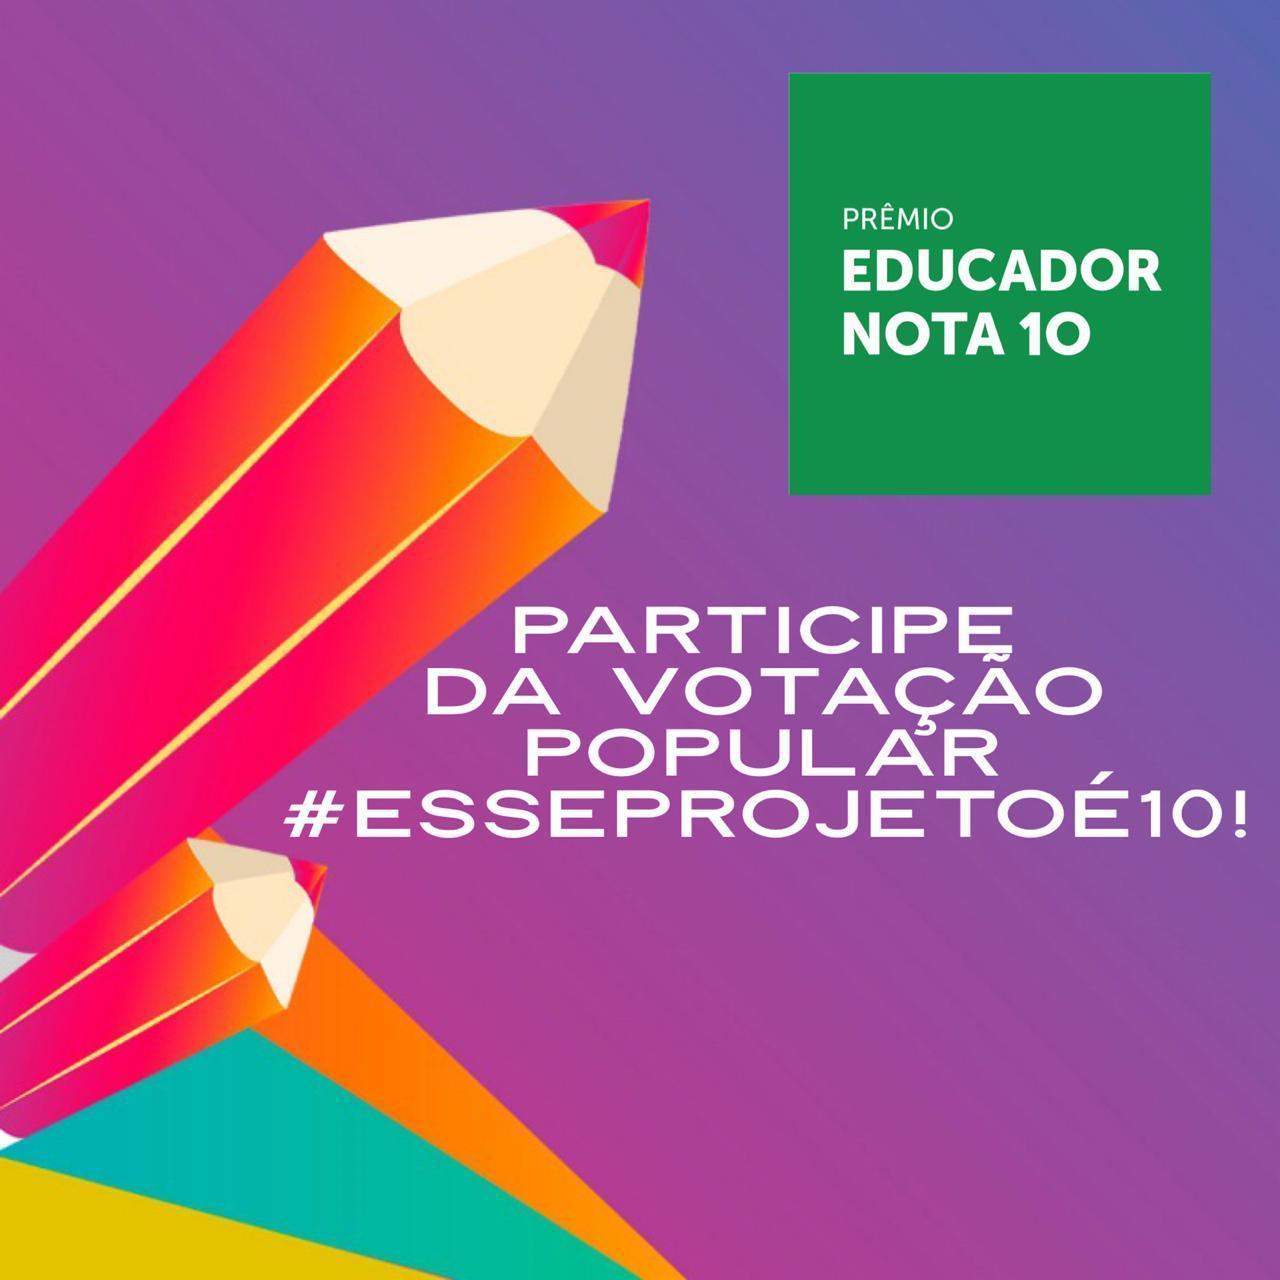 Prêmio Educador Nota 10 abre votação popular #EsseProjetoé10